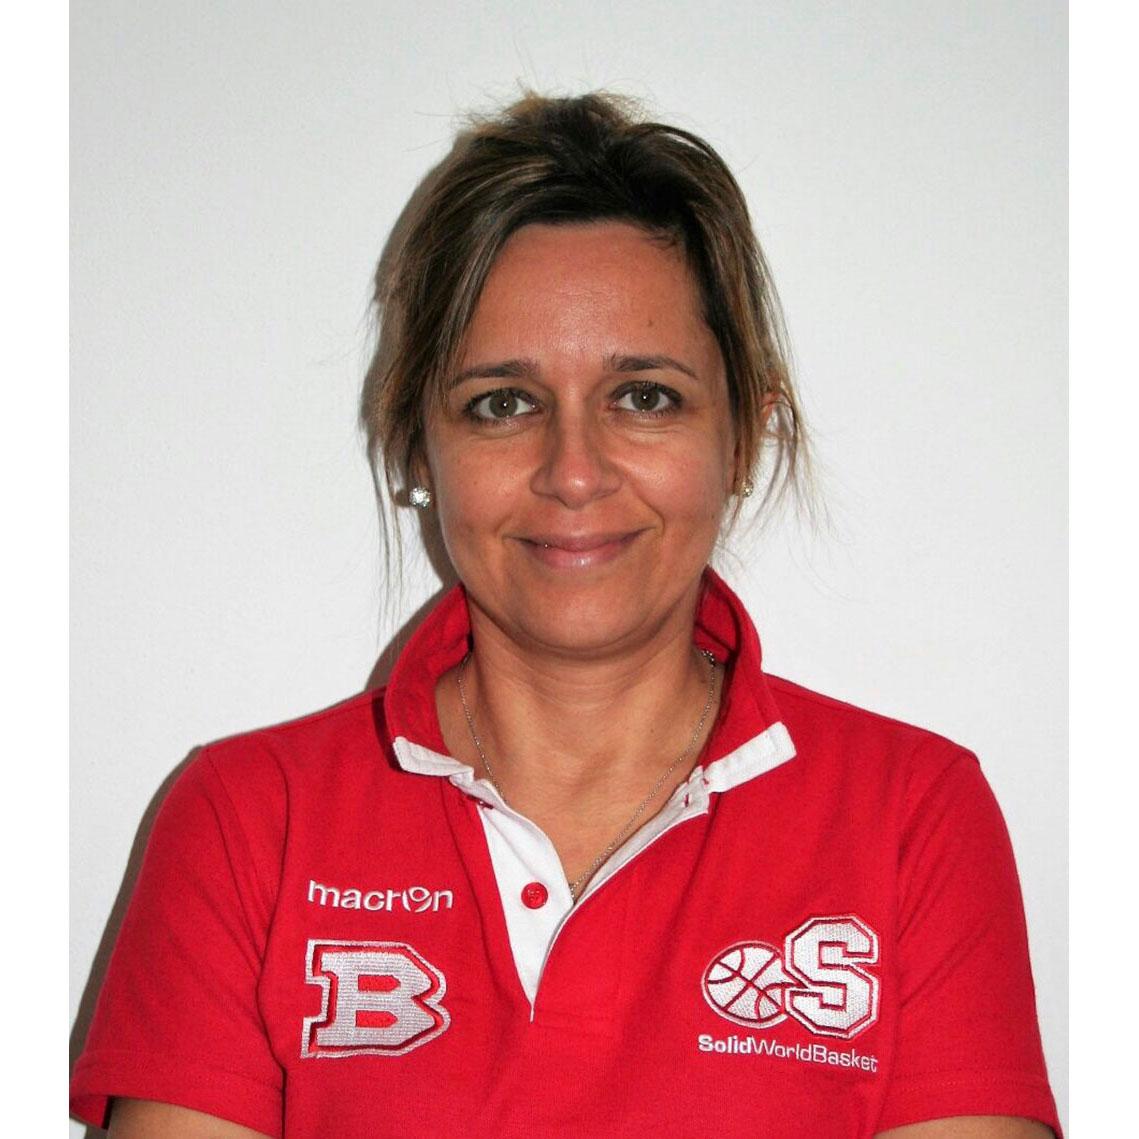 Patrizia Bano